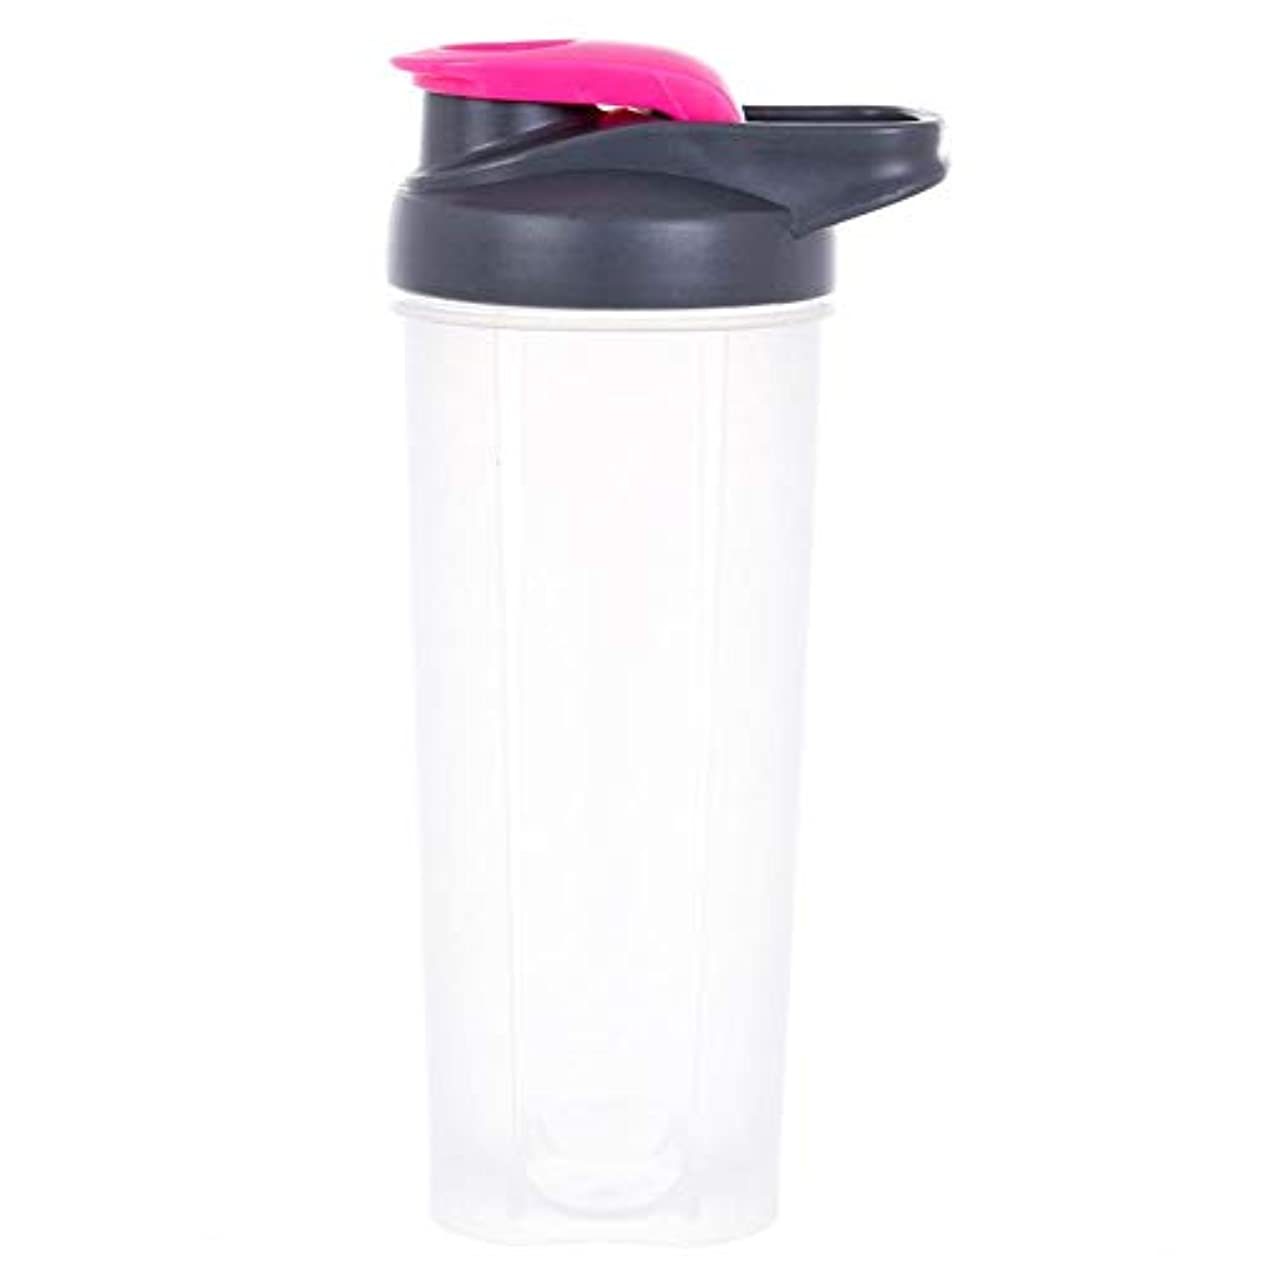 弁護士プレゼンテーションハントハンドル 蛋白質 粉 飲料 薬 混合の撹拌のびんが付いている 水差しの振動のコップ